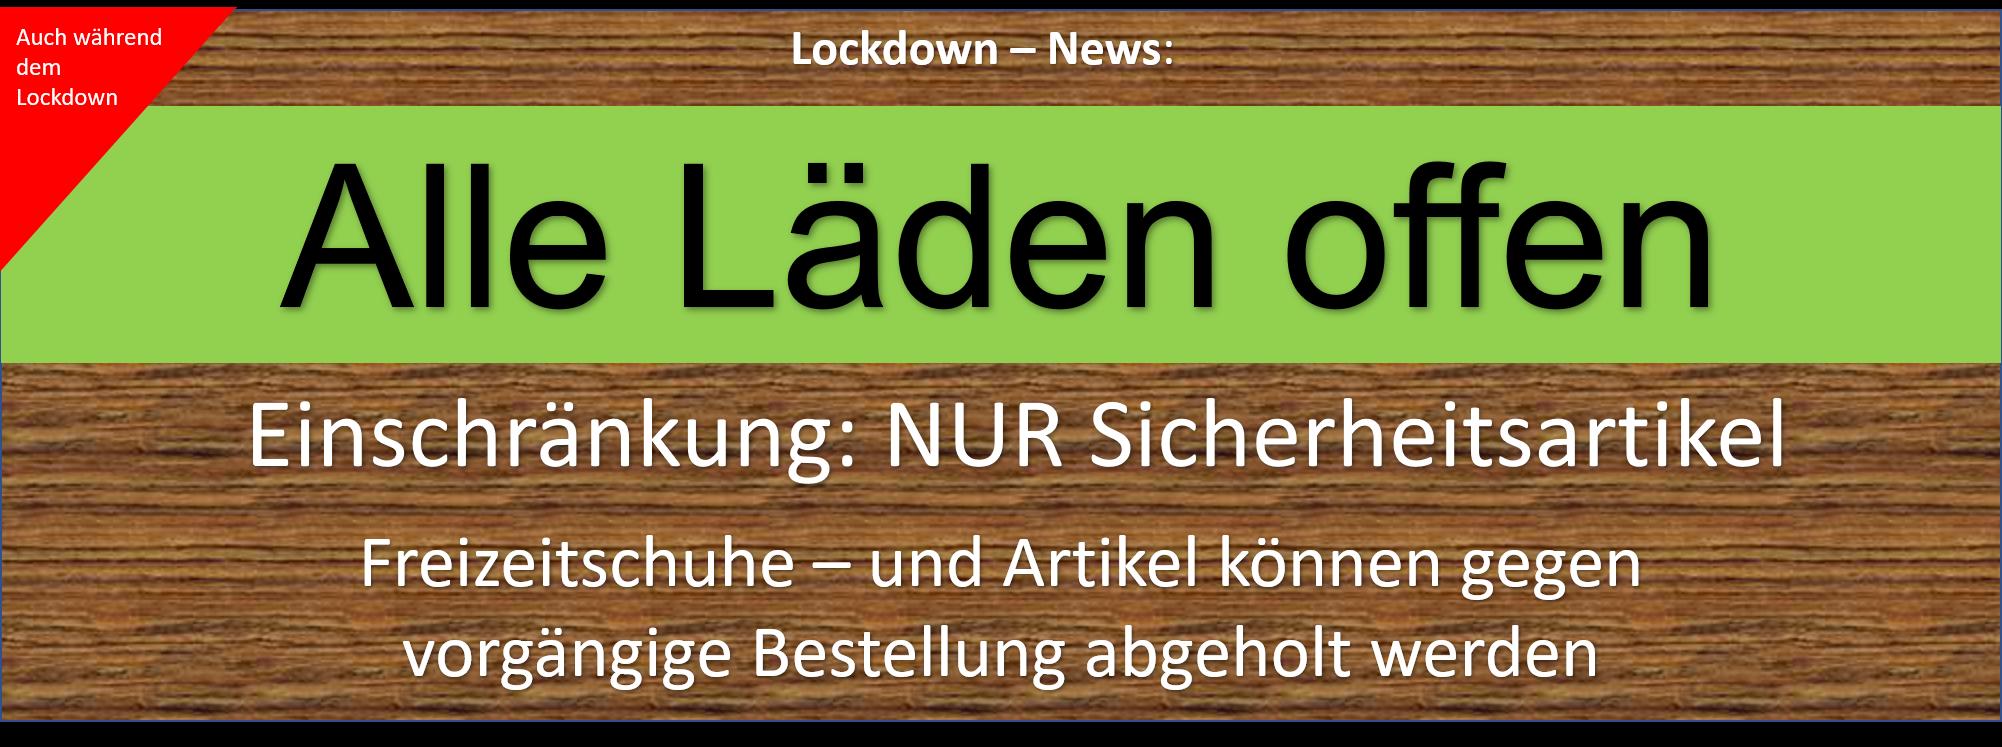 Lockdown läden